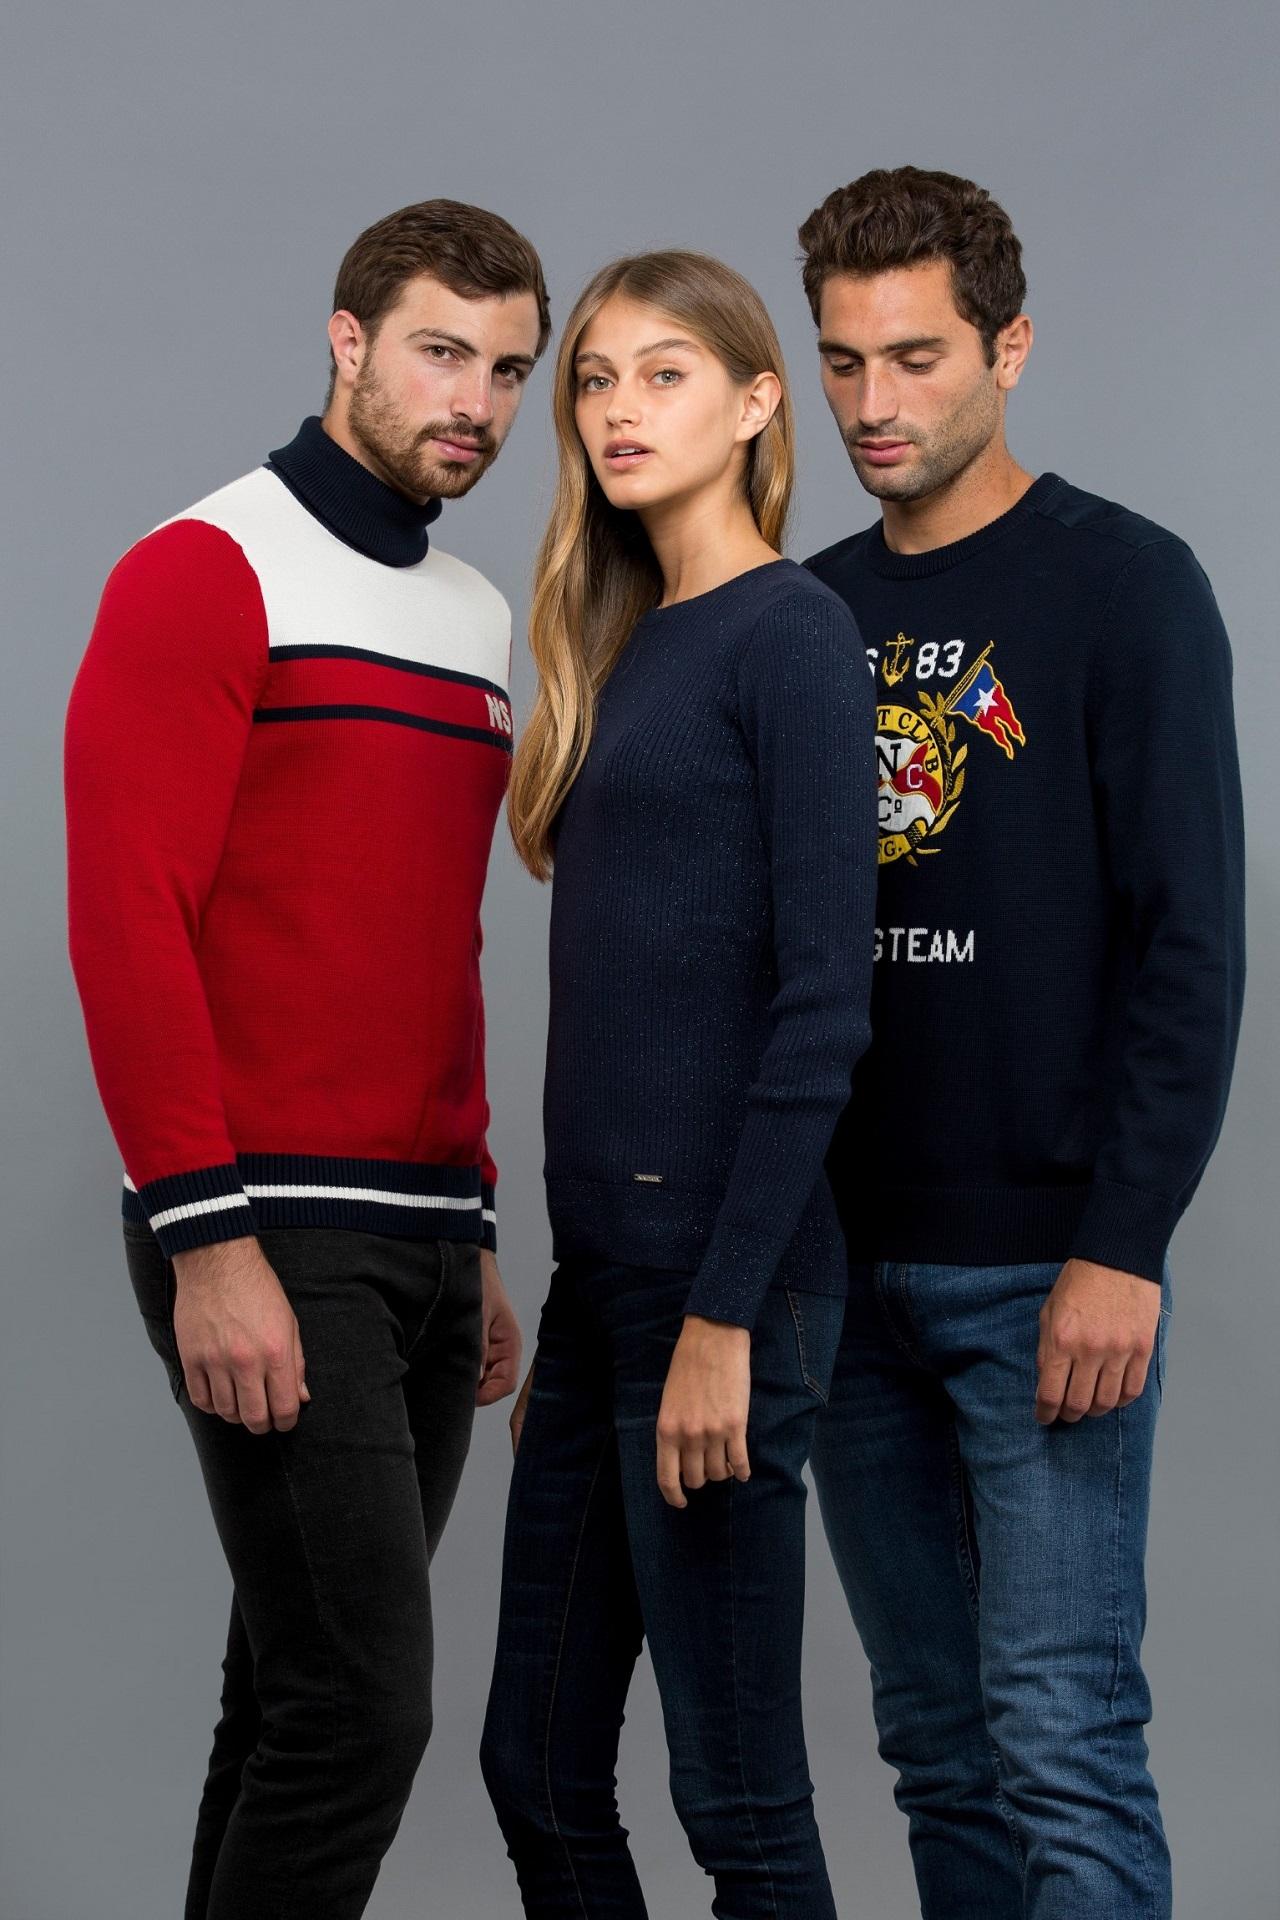 נאוטיקה מחיר חולצות מימין מחיר חולצת גבר 429 שח חולצת אישה 399 שח חולצת גבר 399 שח